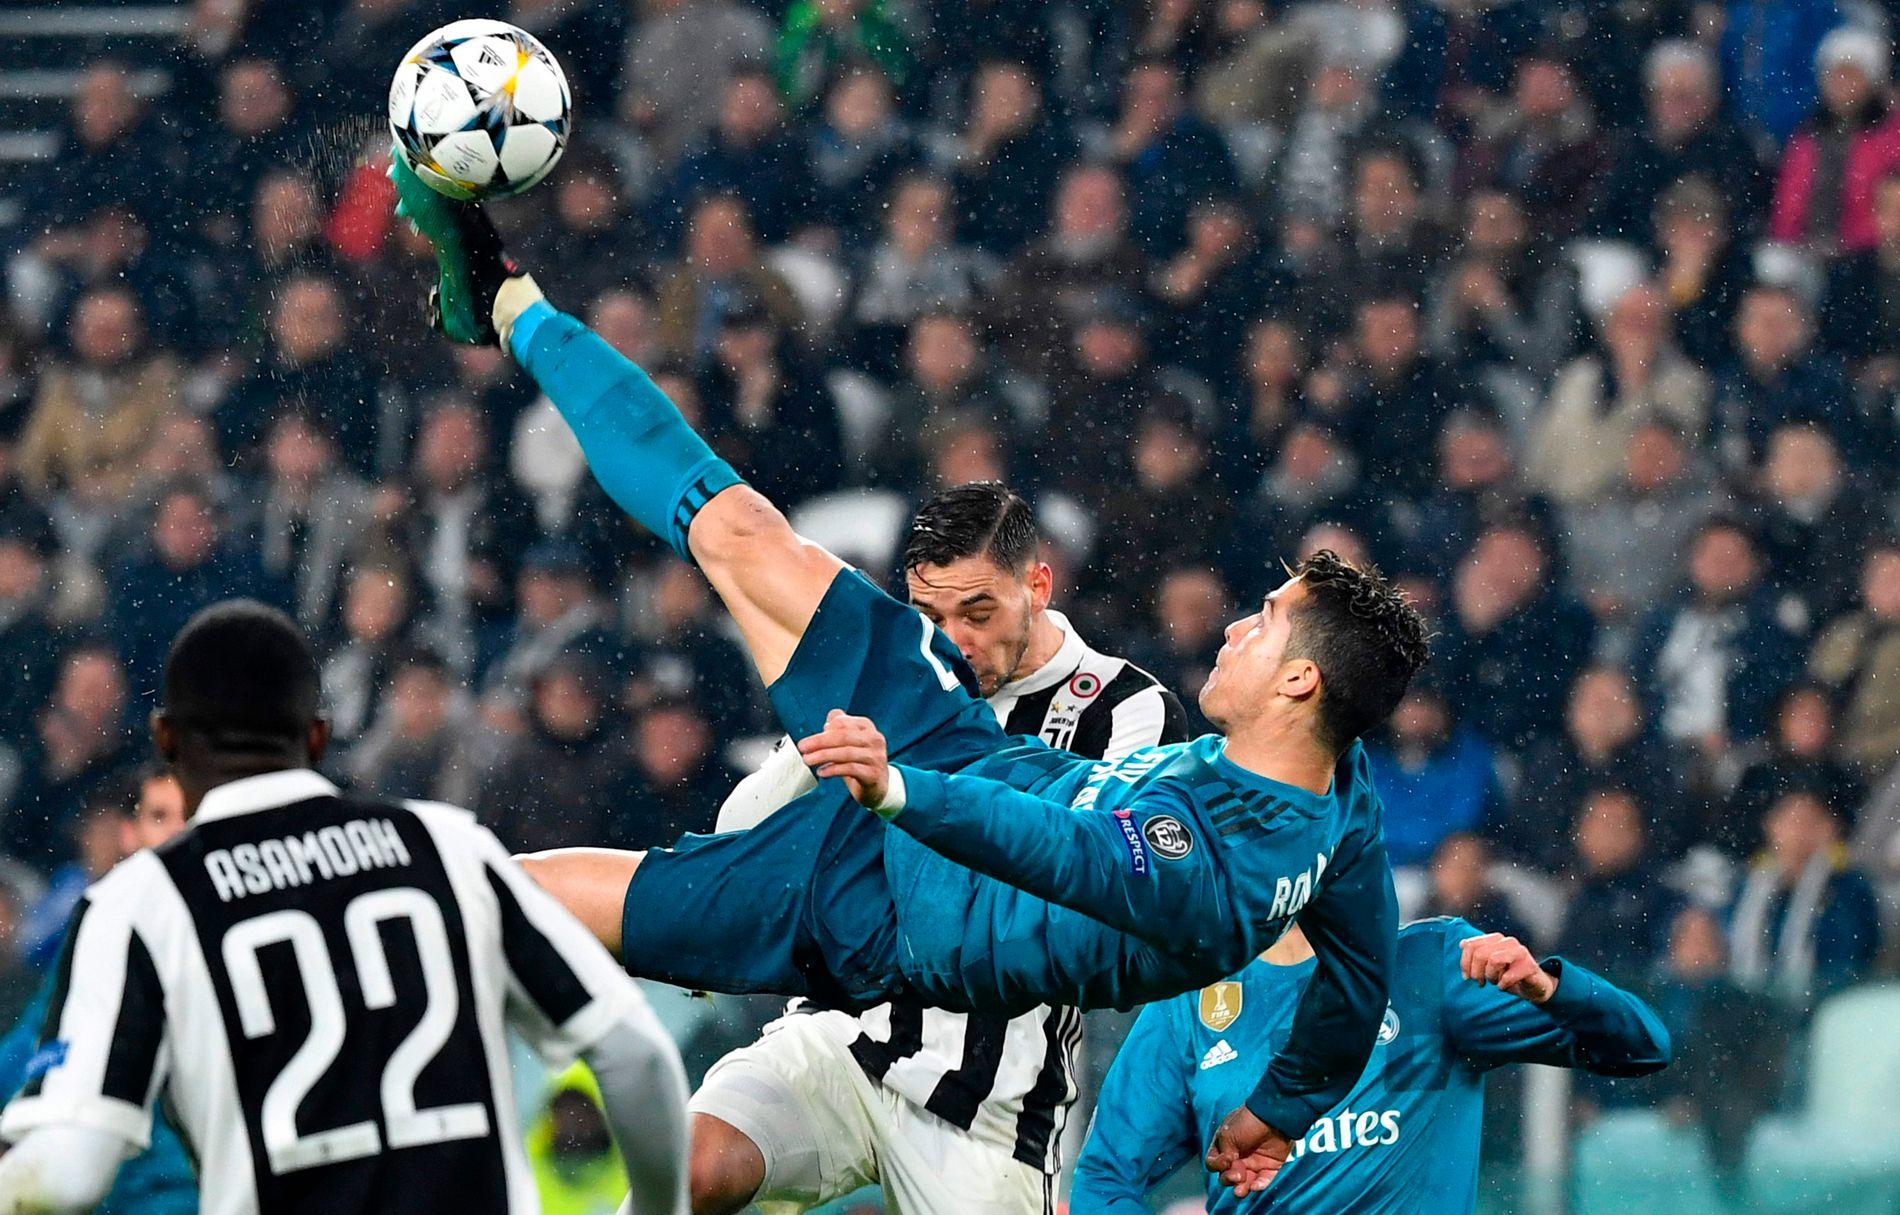 JUVE-DØDER: Cristiano Ronaldo var med på å sende Juventus ut av forrige sesong Champions League med dette brassesparket.